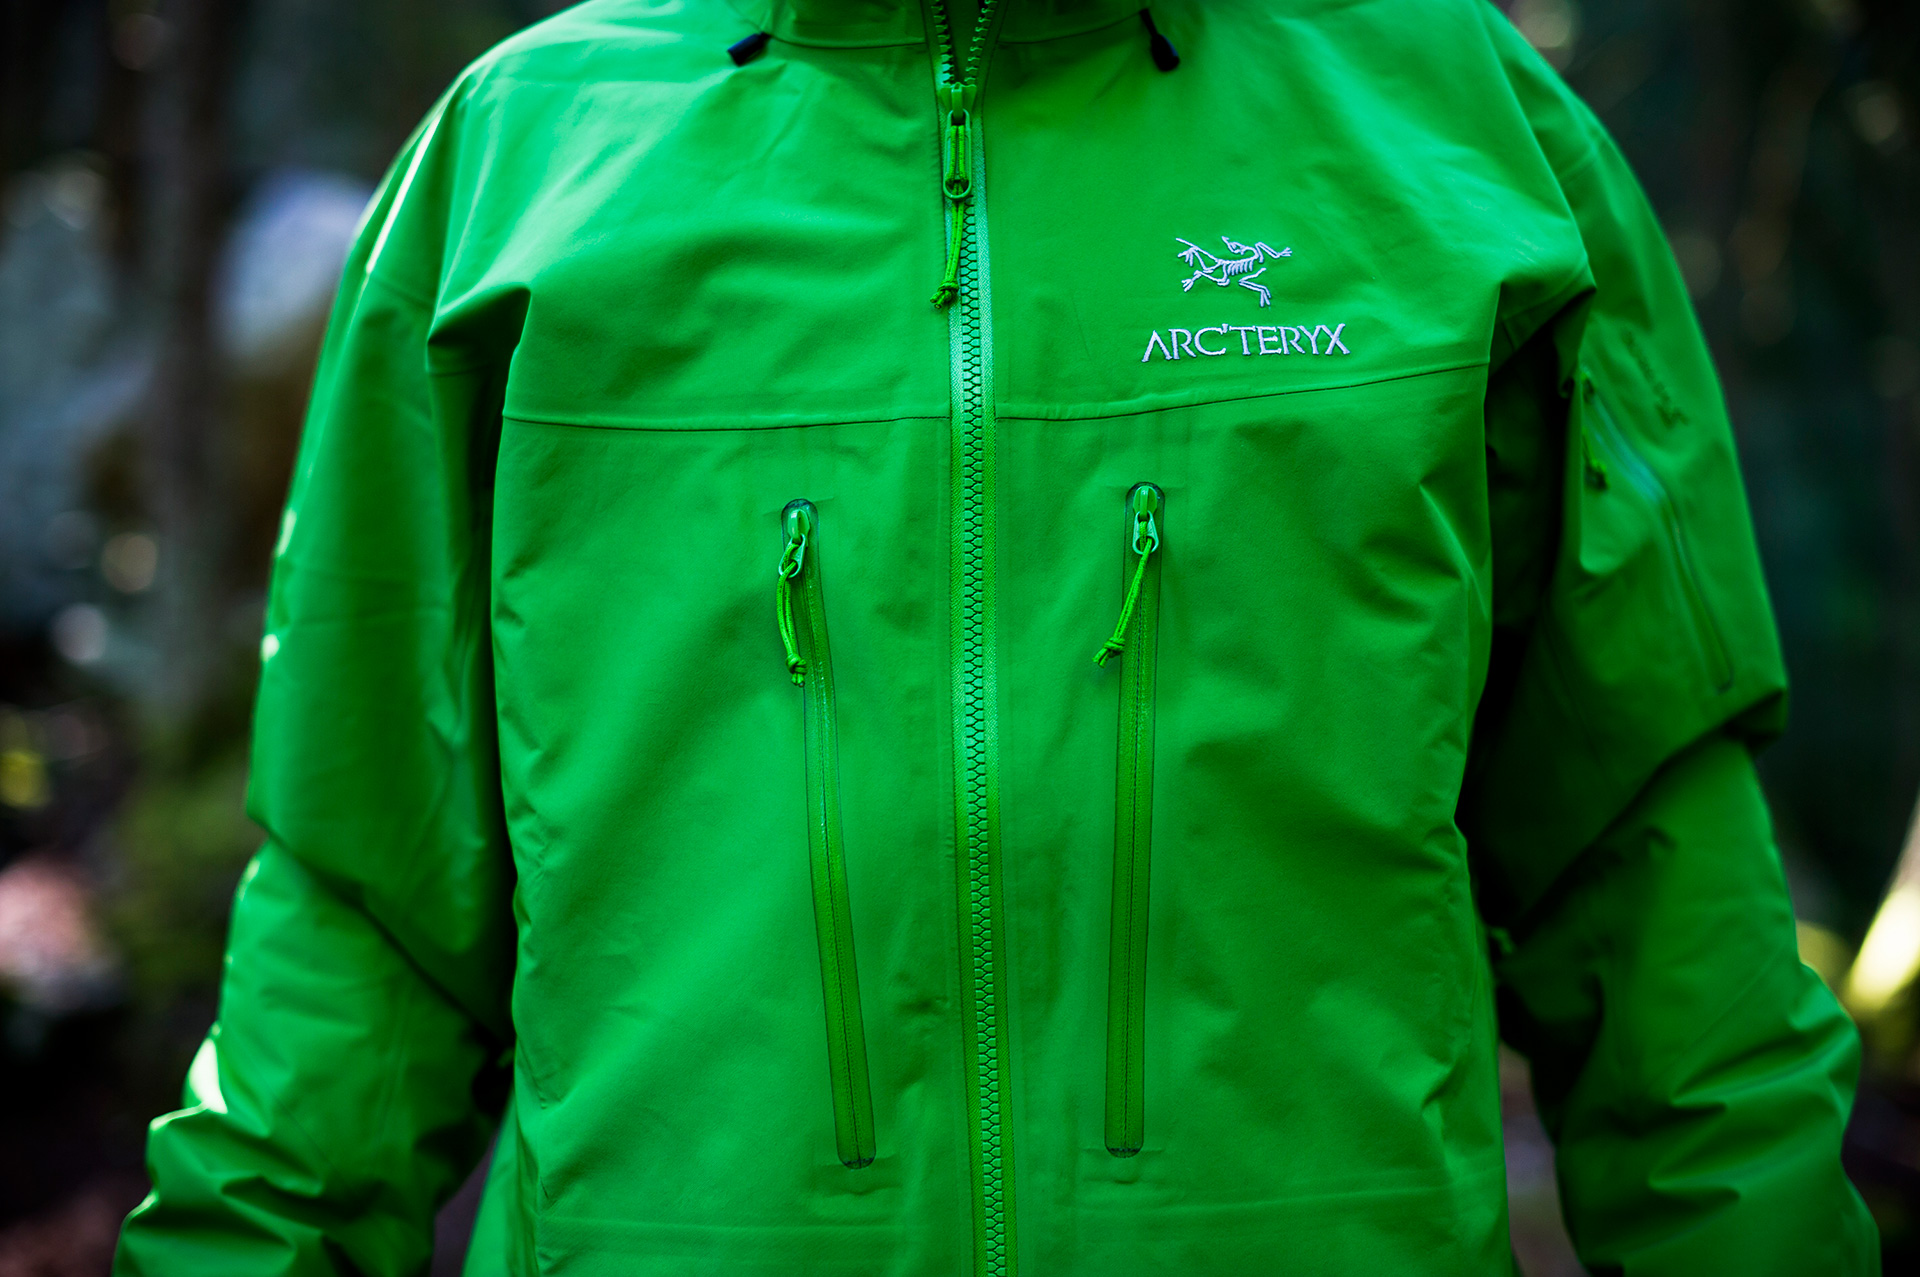 Arcteryx Klettergurt M : Arc teryx alpha sv jacket review explore maga